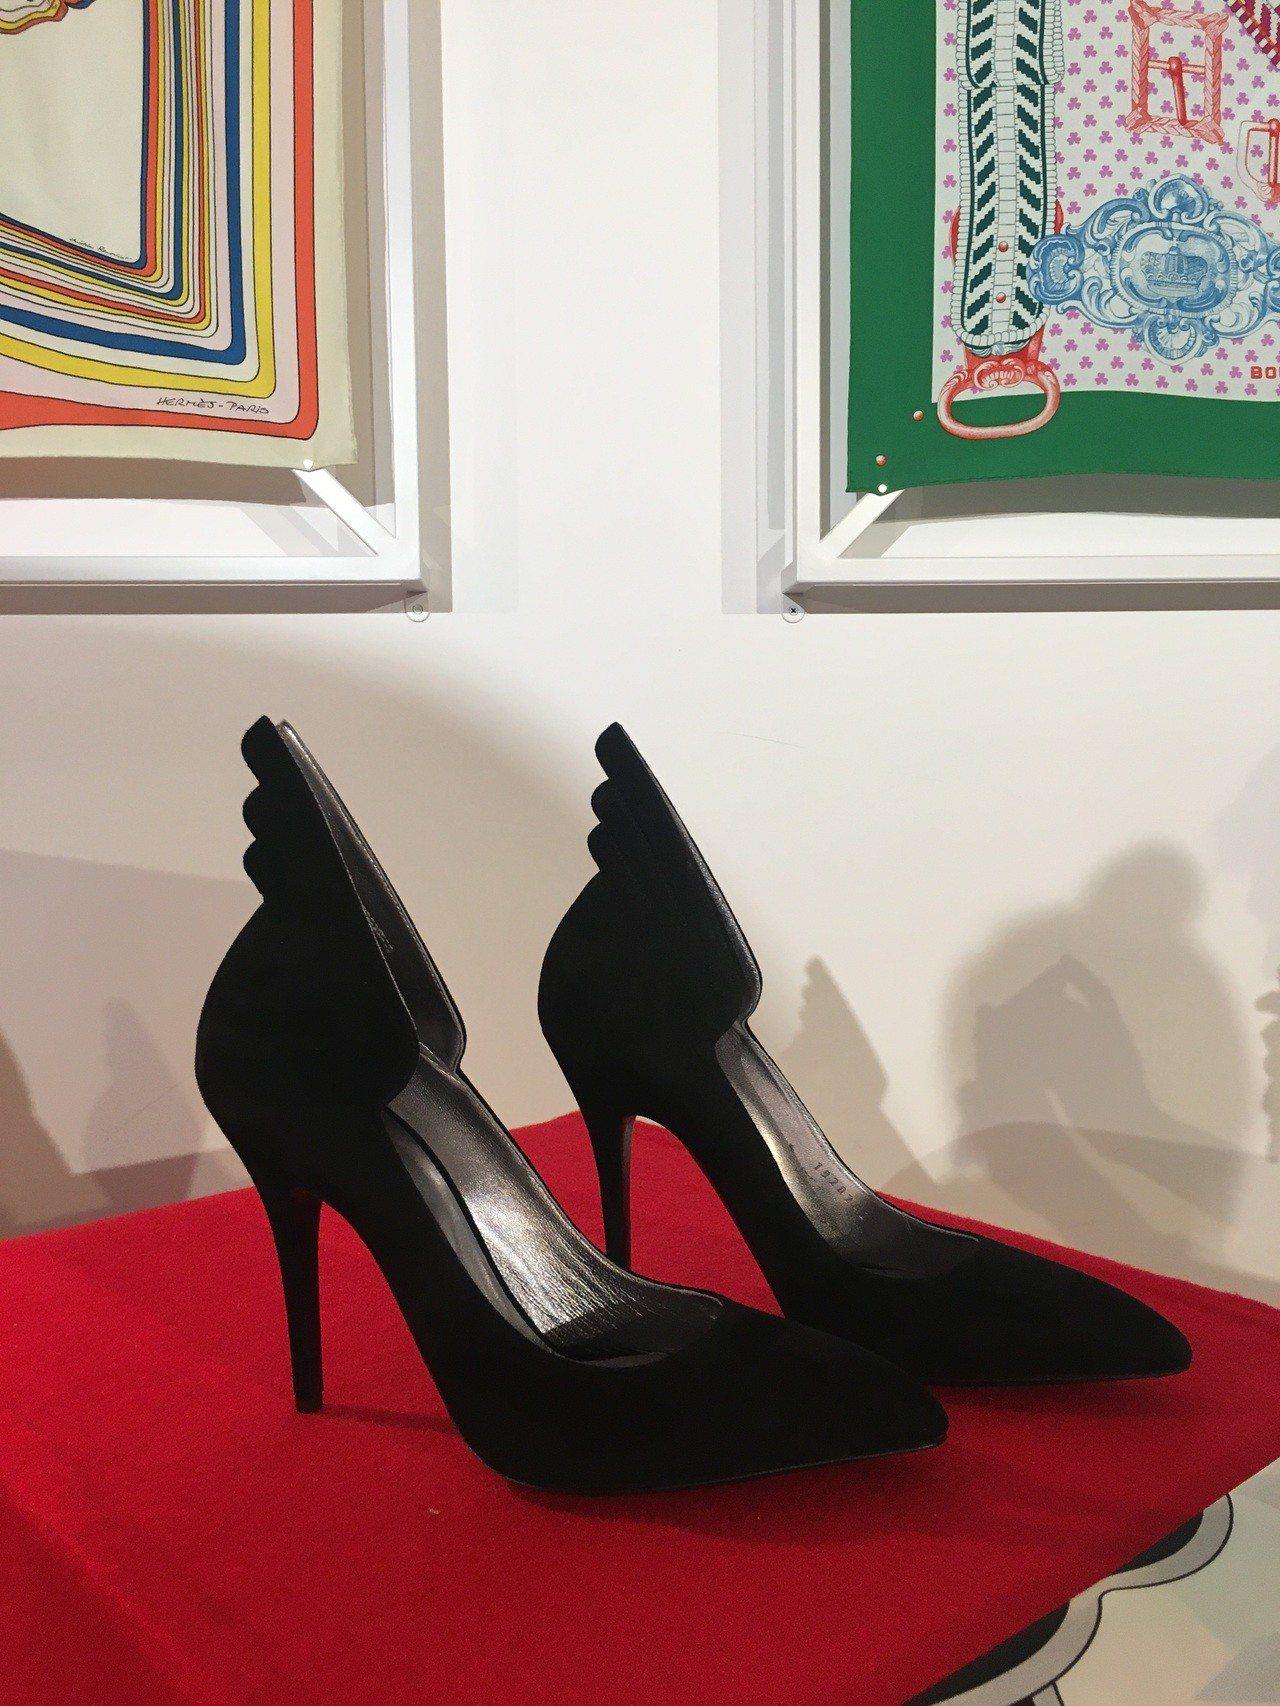 象徵自由的翅膀出現在高跟鞋與休閒鞋上。記者吳曉涵/攝影